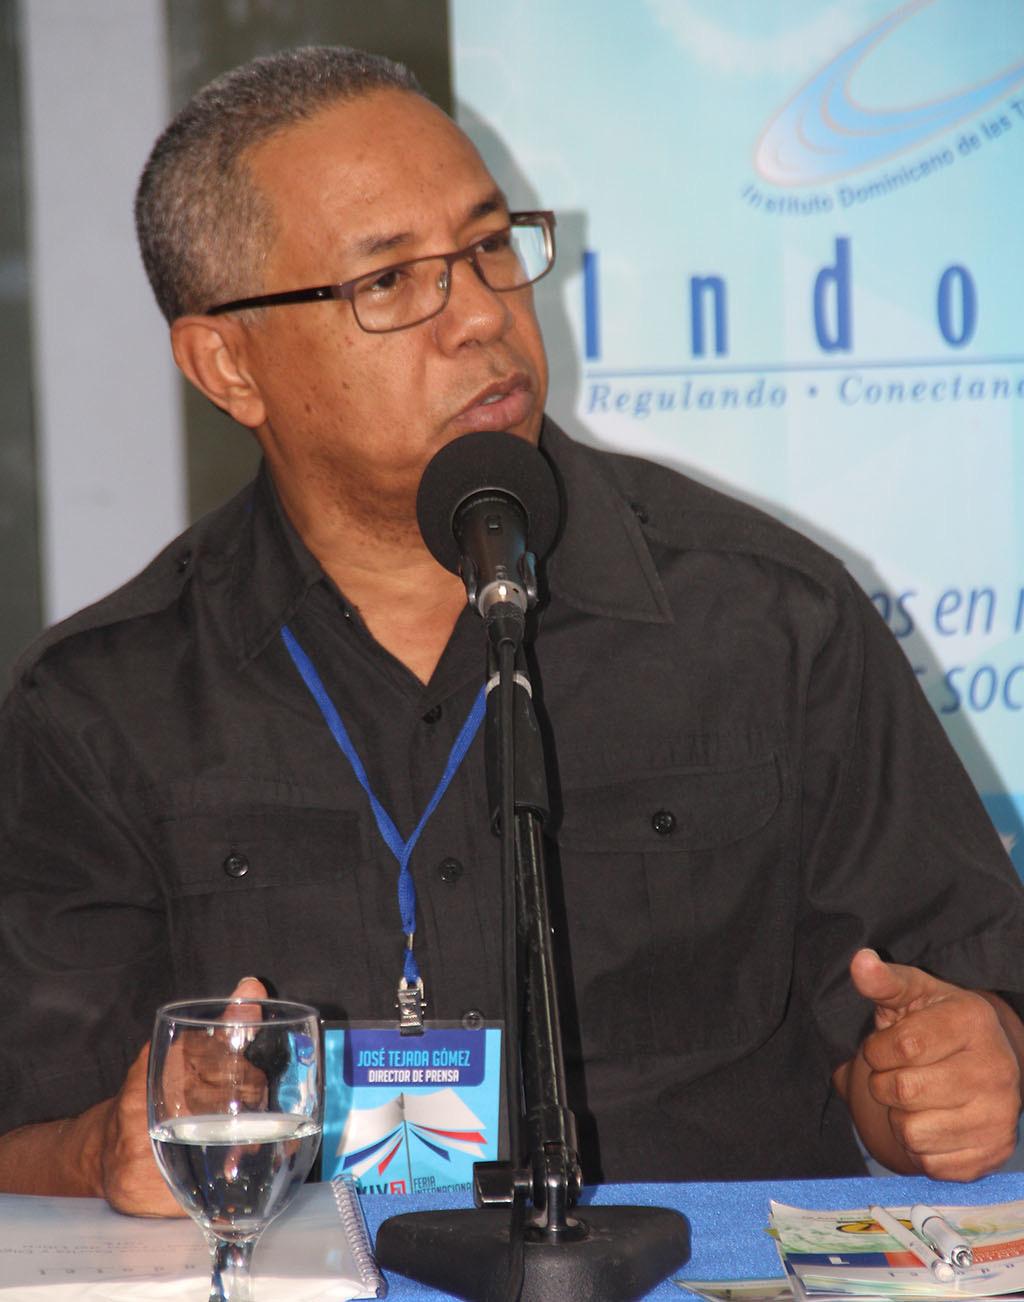 CECC/SICA reconoce al periodista José Tejada Gómez